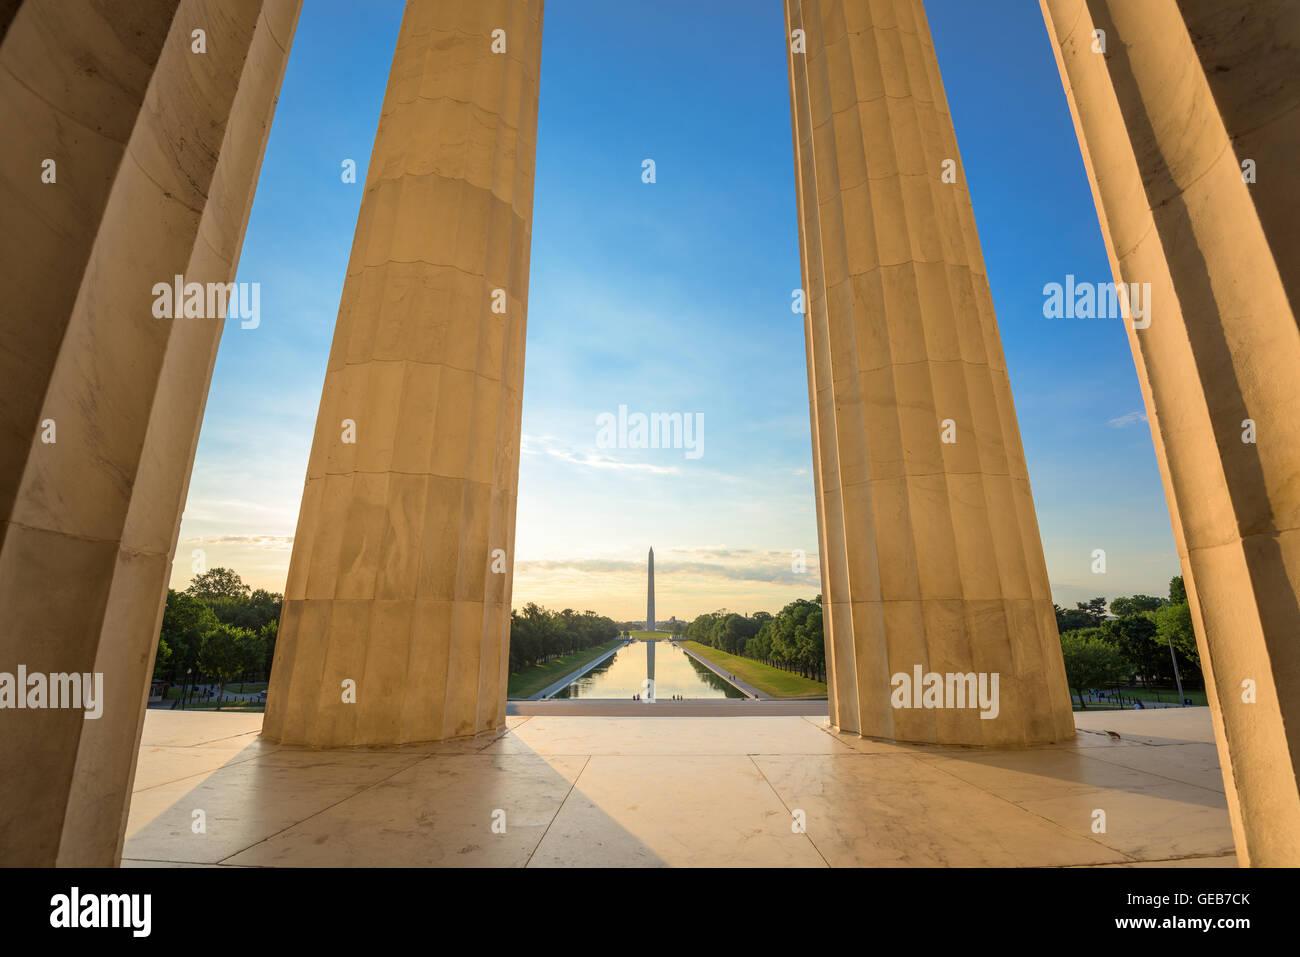 Washington DC a la piscina reflectante y visto desde el Monumento a Washington, el Lincoln Memorial. Imagen De Stock